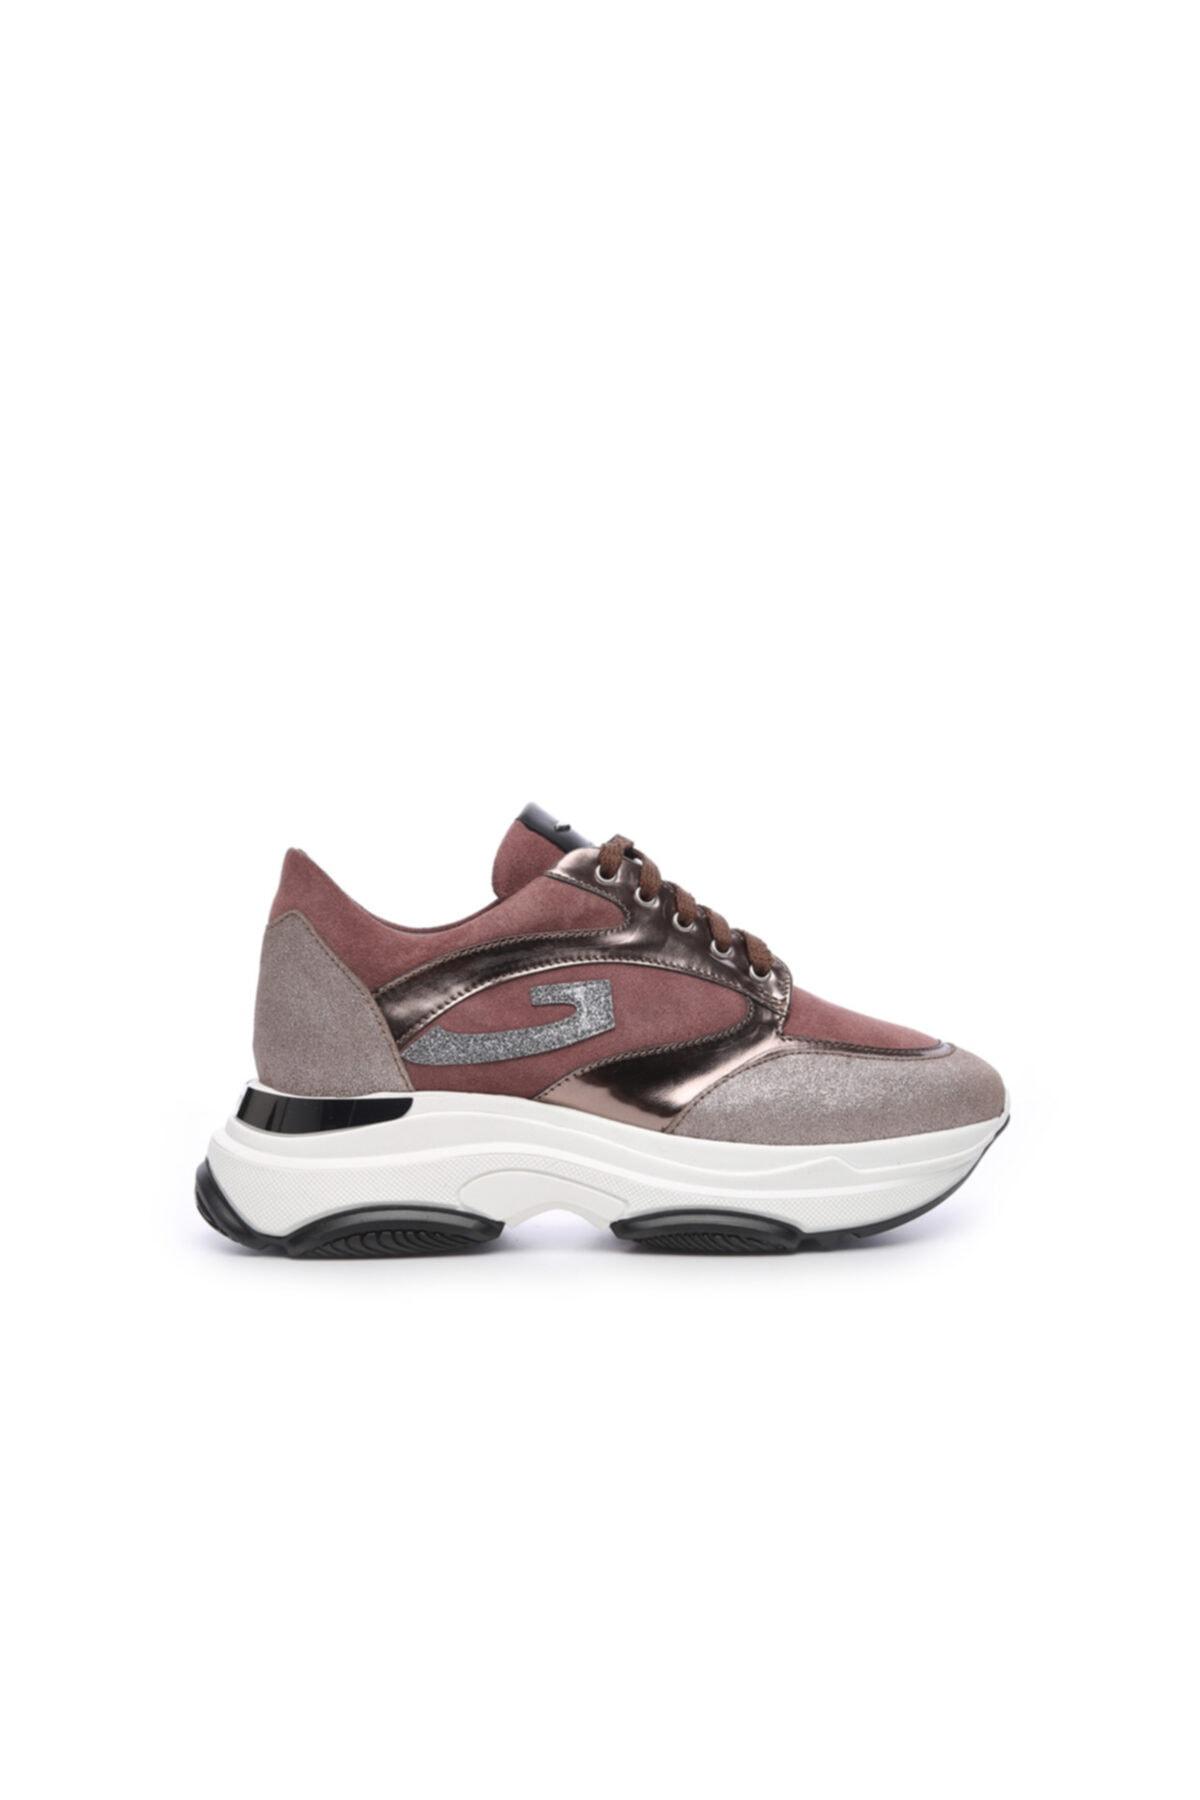 ALBERTO GUARDIANI Kadın Derı Spor Ayakkabı 685 61465c Bn Ayk 1